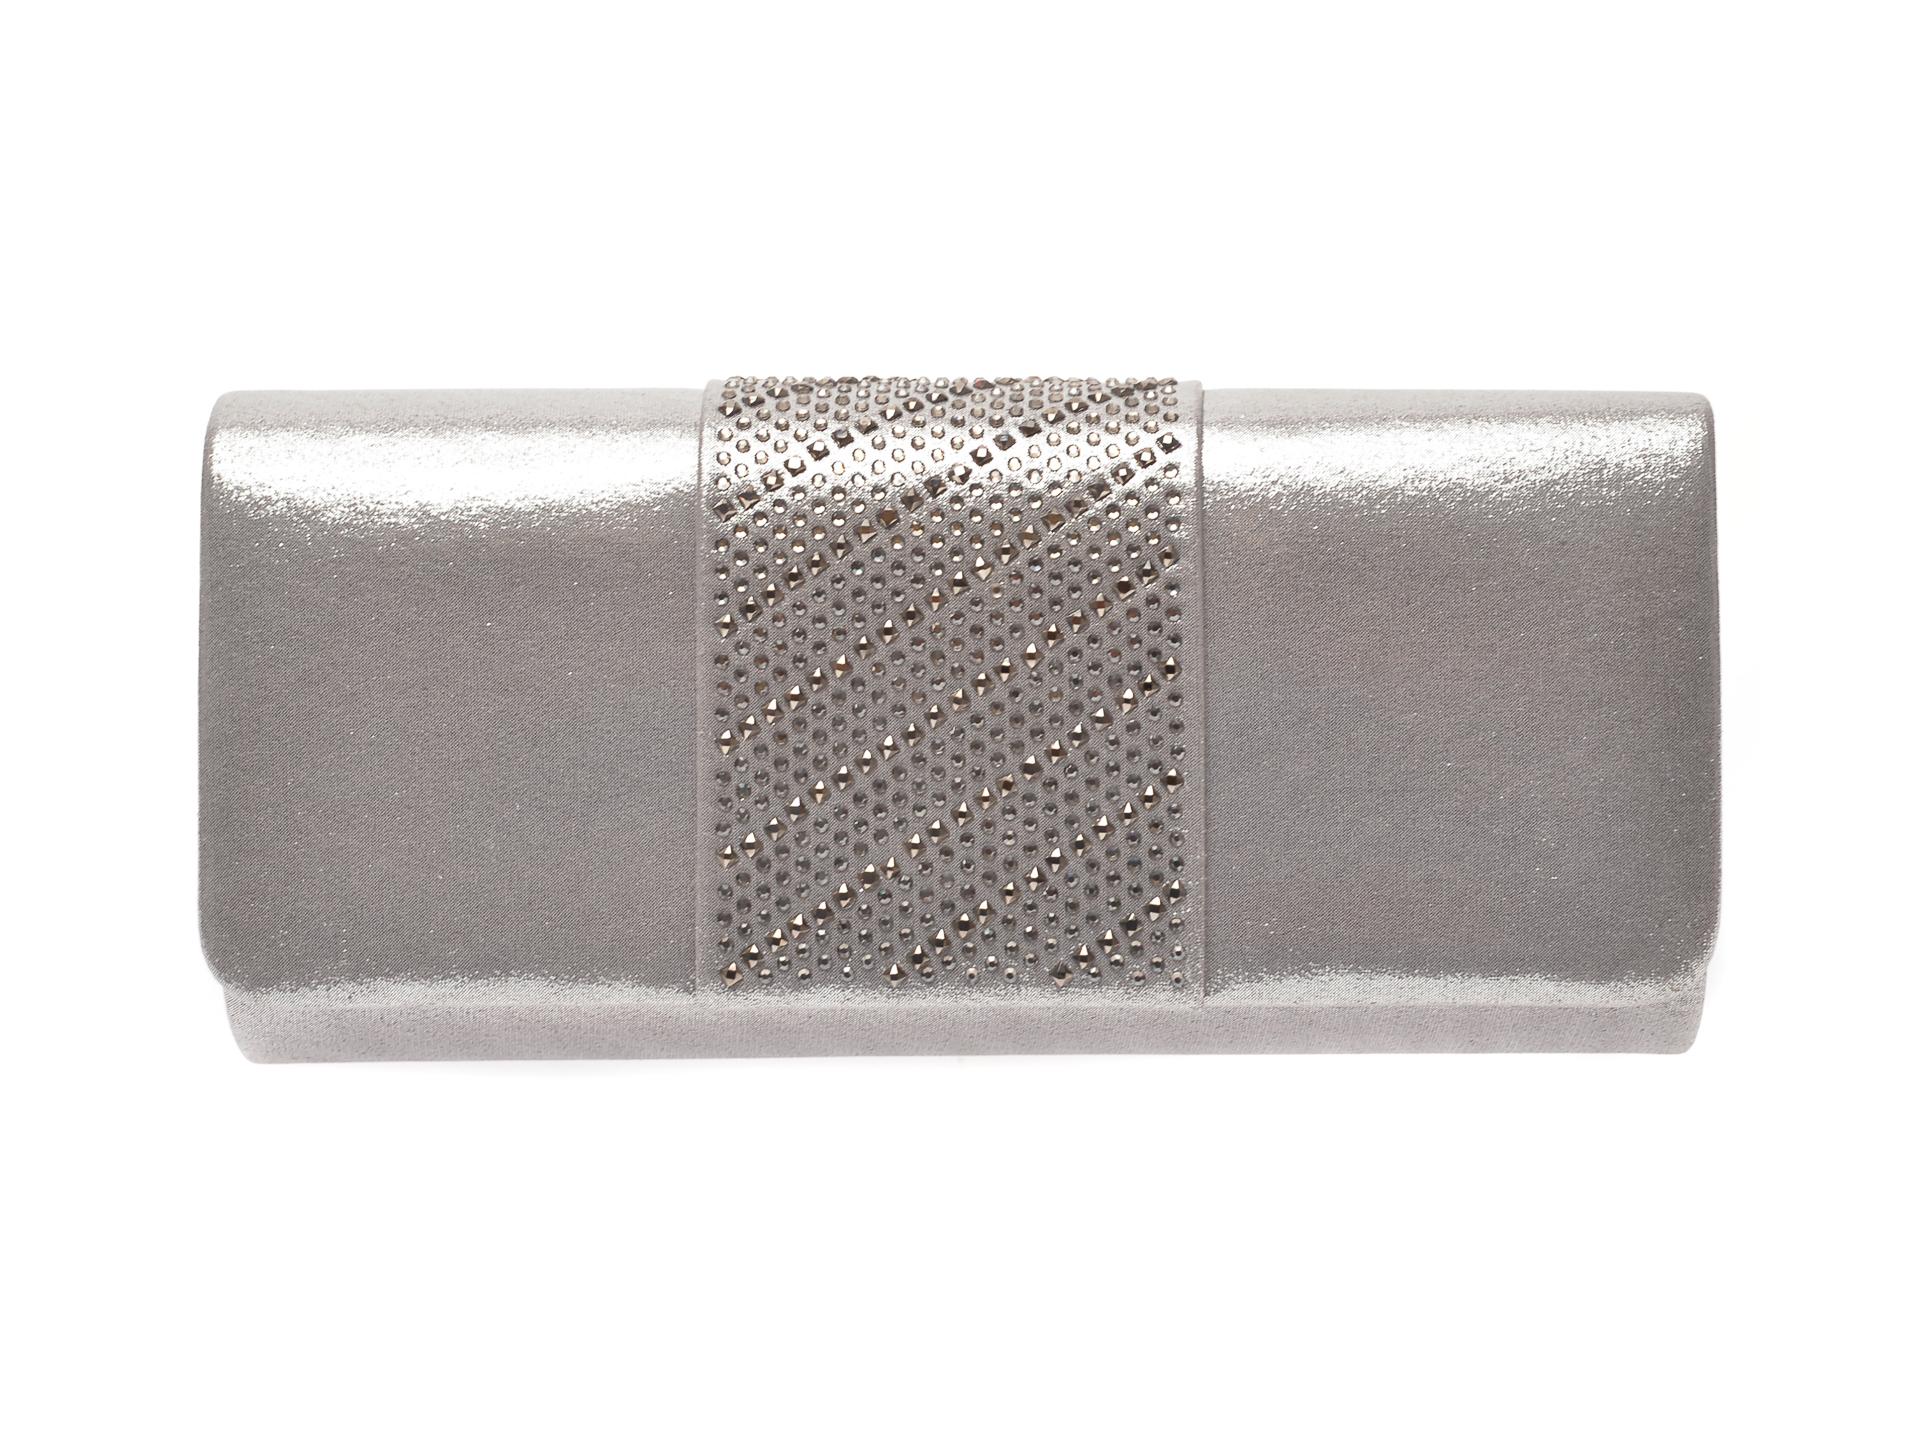 Poseta plic MENBUR argintie, 84680, din material textil